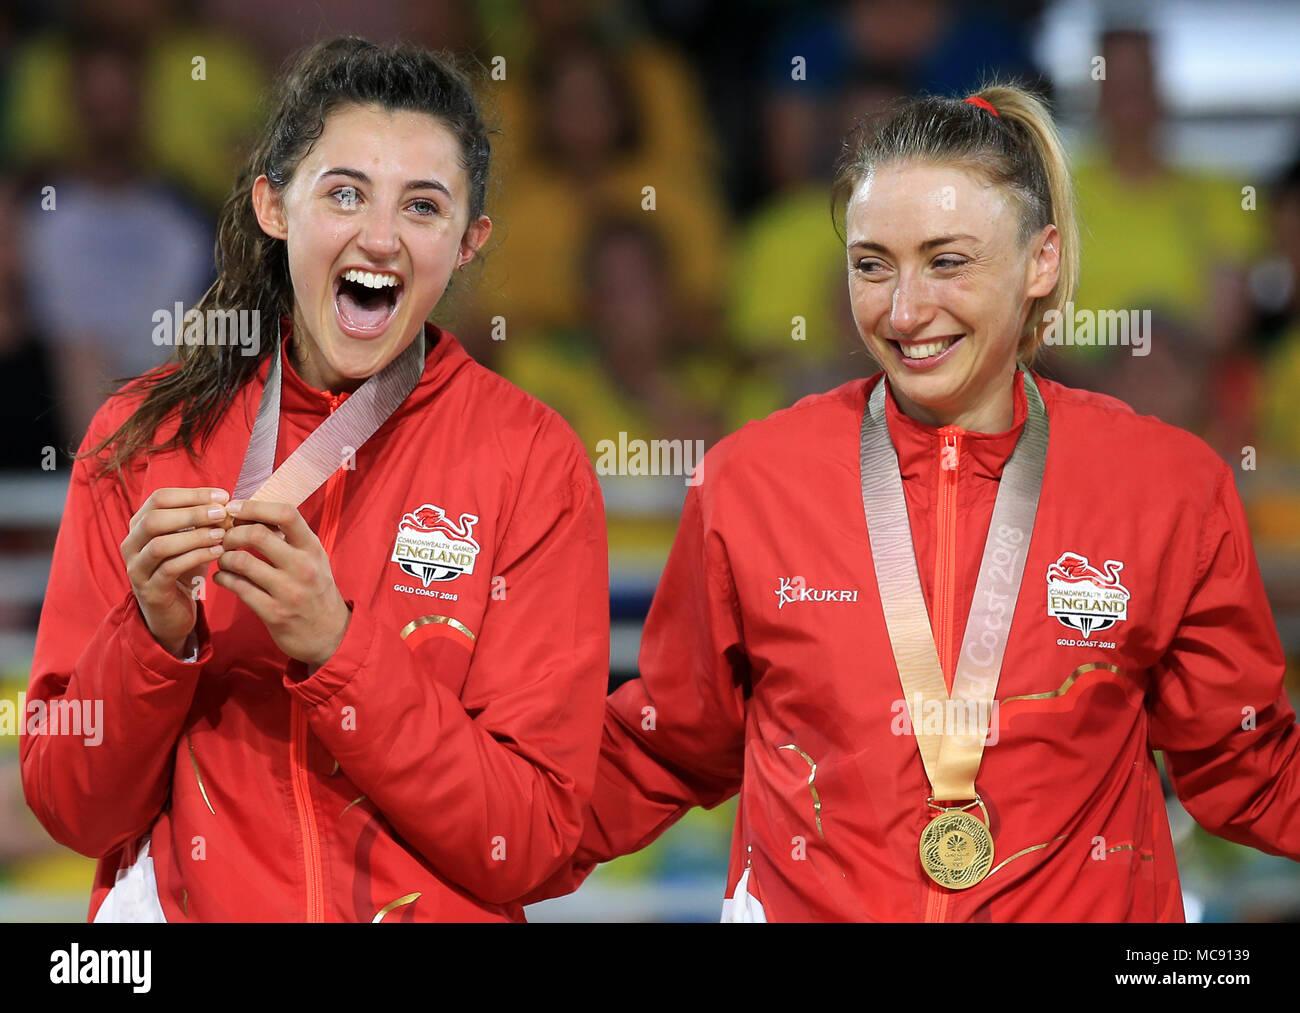 b7384ccfb1c7 Inglaterra es Beth Cobden y Jade Clarke celebrar con sus medallas de oro en  el Centro ...